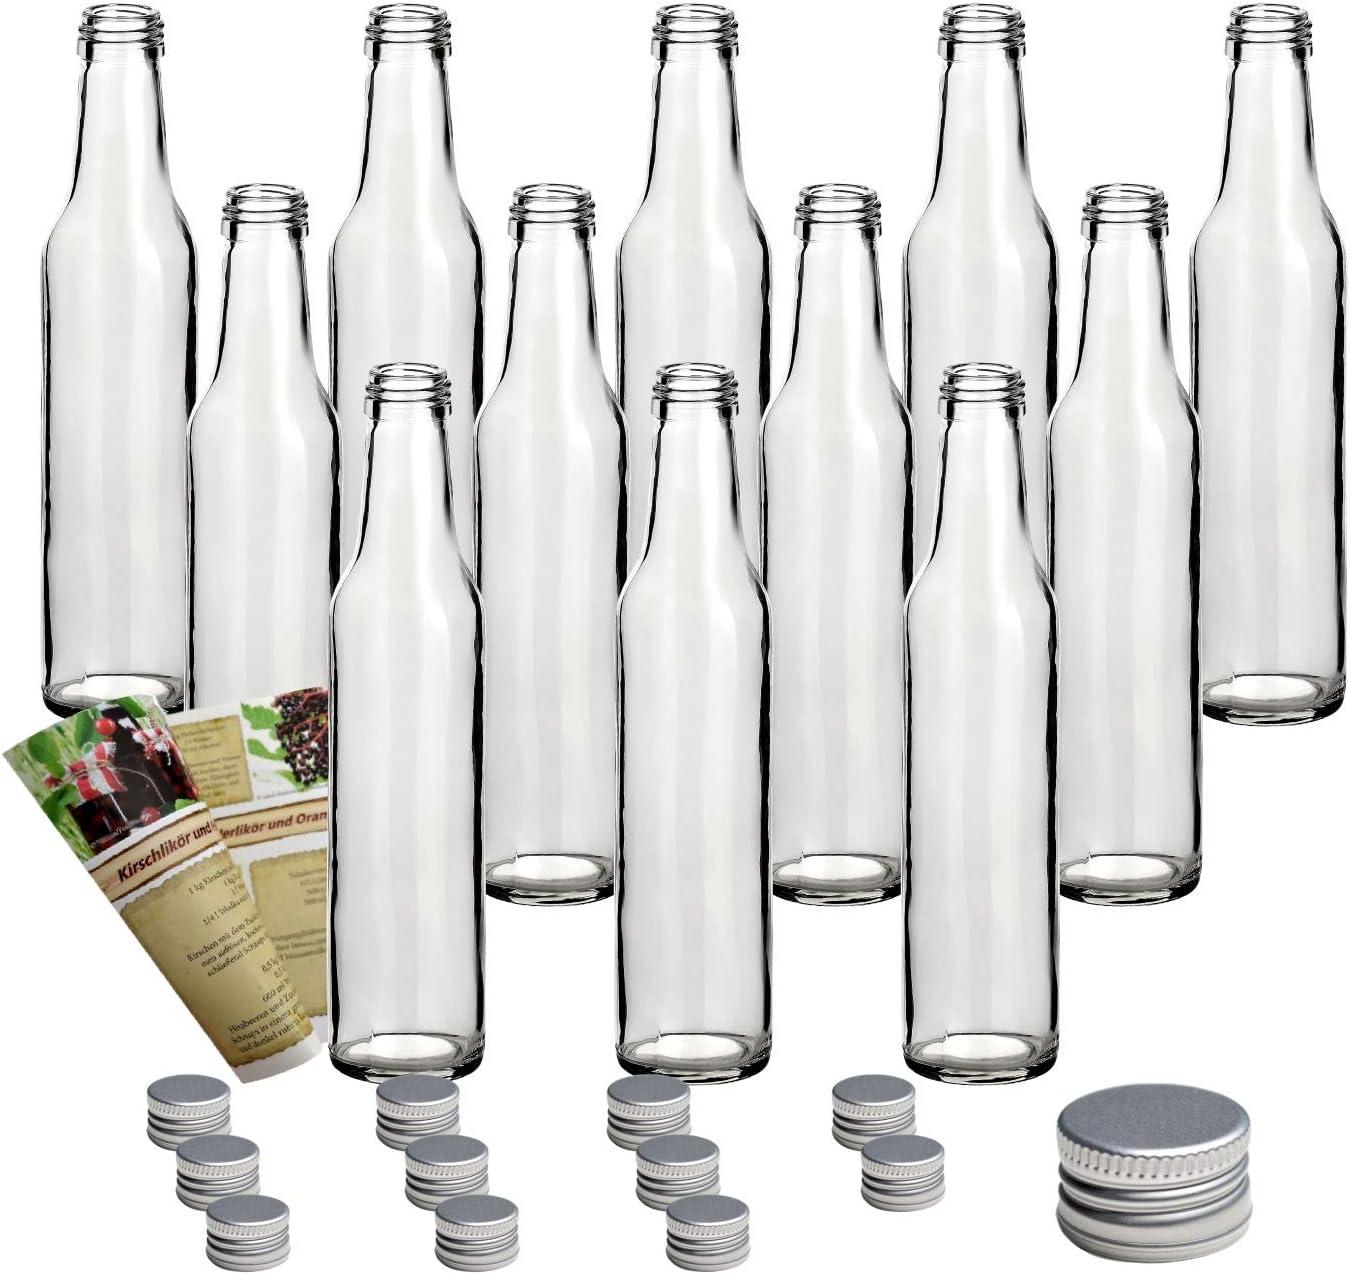 guoveo - 12 Botellas de 250 ml con tapón de Rosca Plateado, Botellas de Vidrio vacías